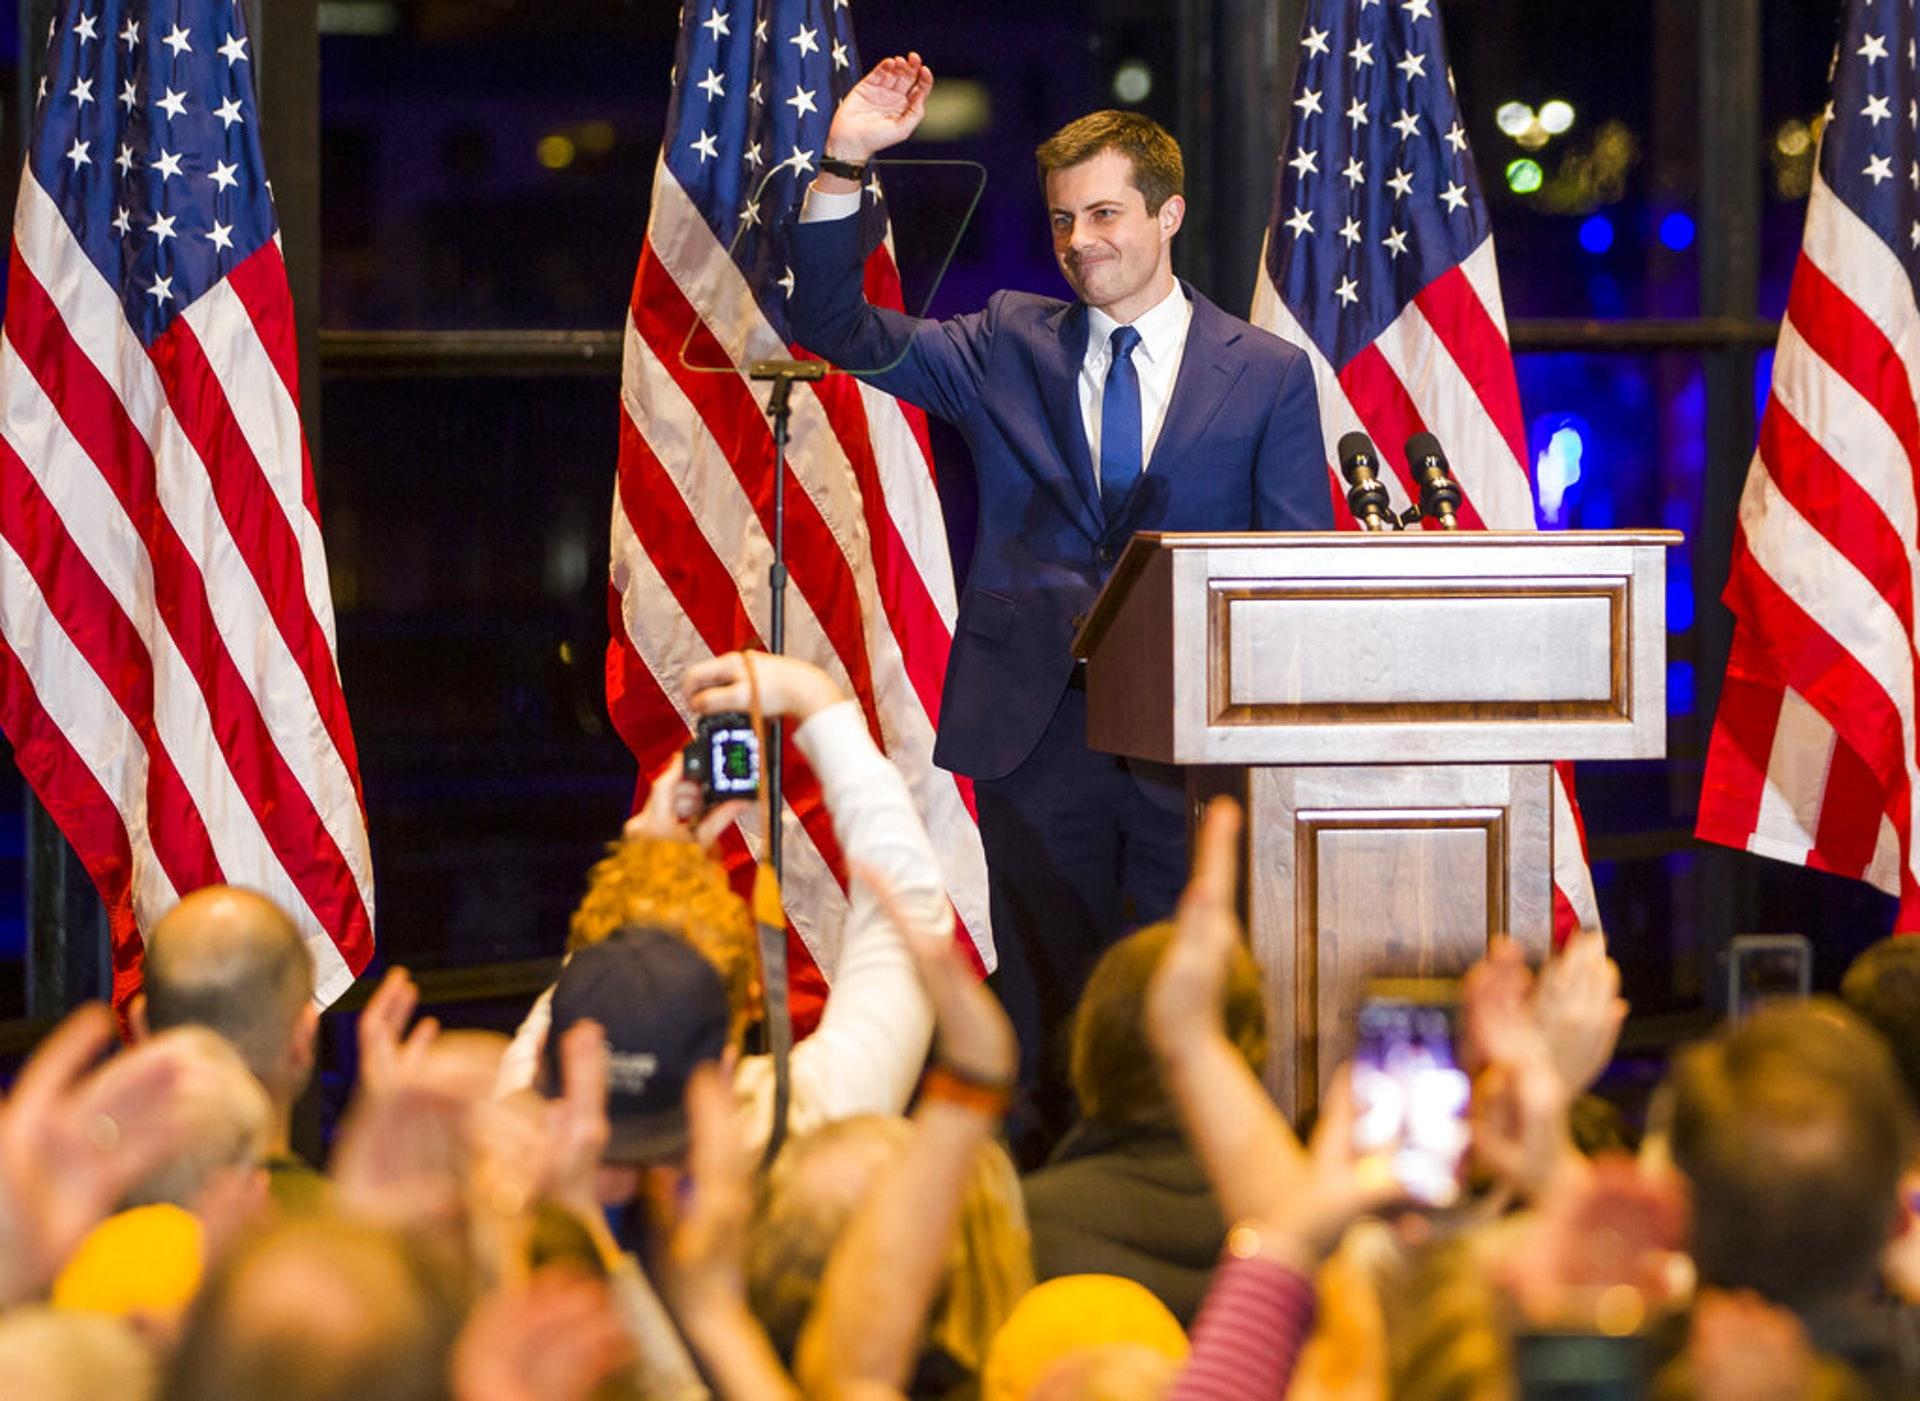 美國大選:民主黨總統參選人、印第安納州南本德市前市長布蒂吉格3月1日在南本德發表演講,期間向台下的支持者揮手。(AP)